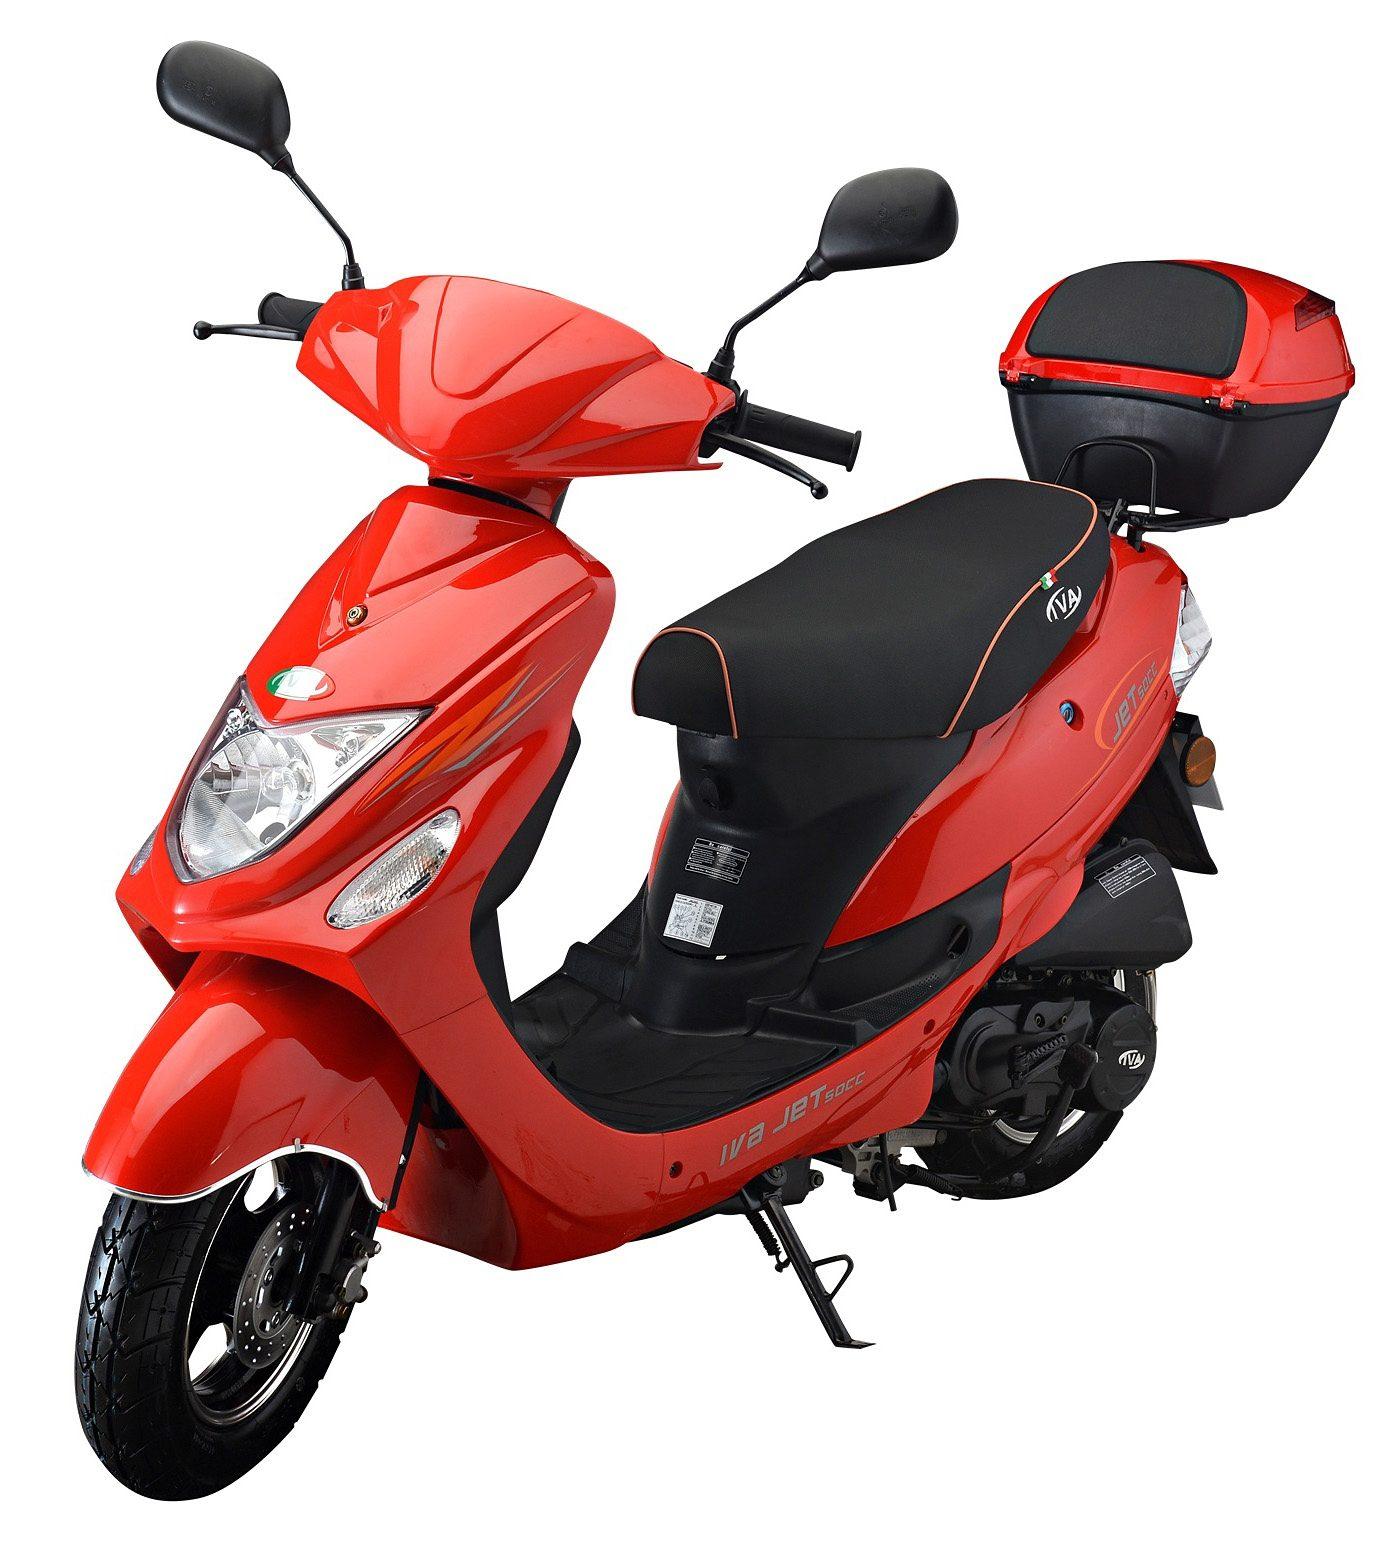 IVA Motorroller inkl. Topcase, 49 ccm, 45 km/h, rot, »Jet New«